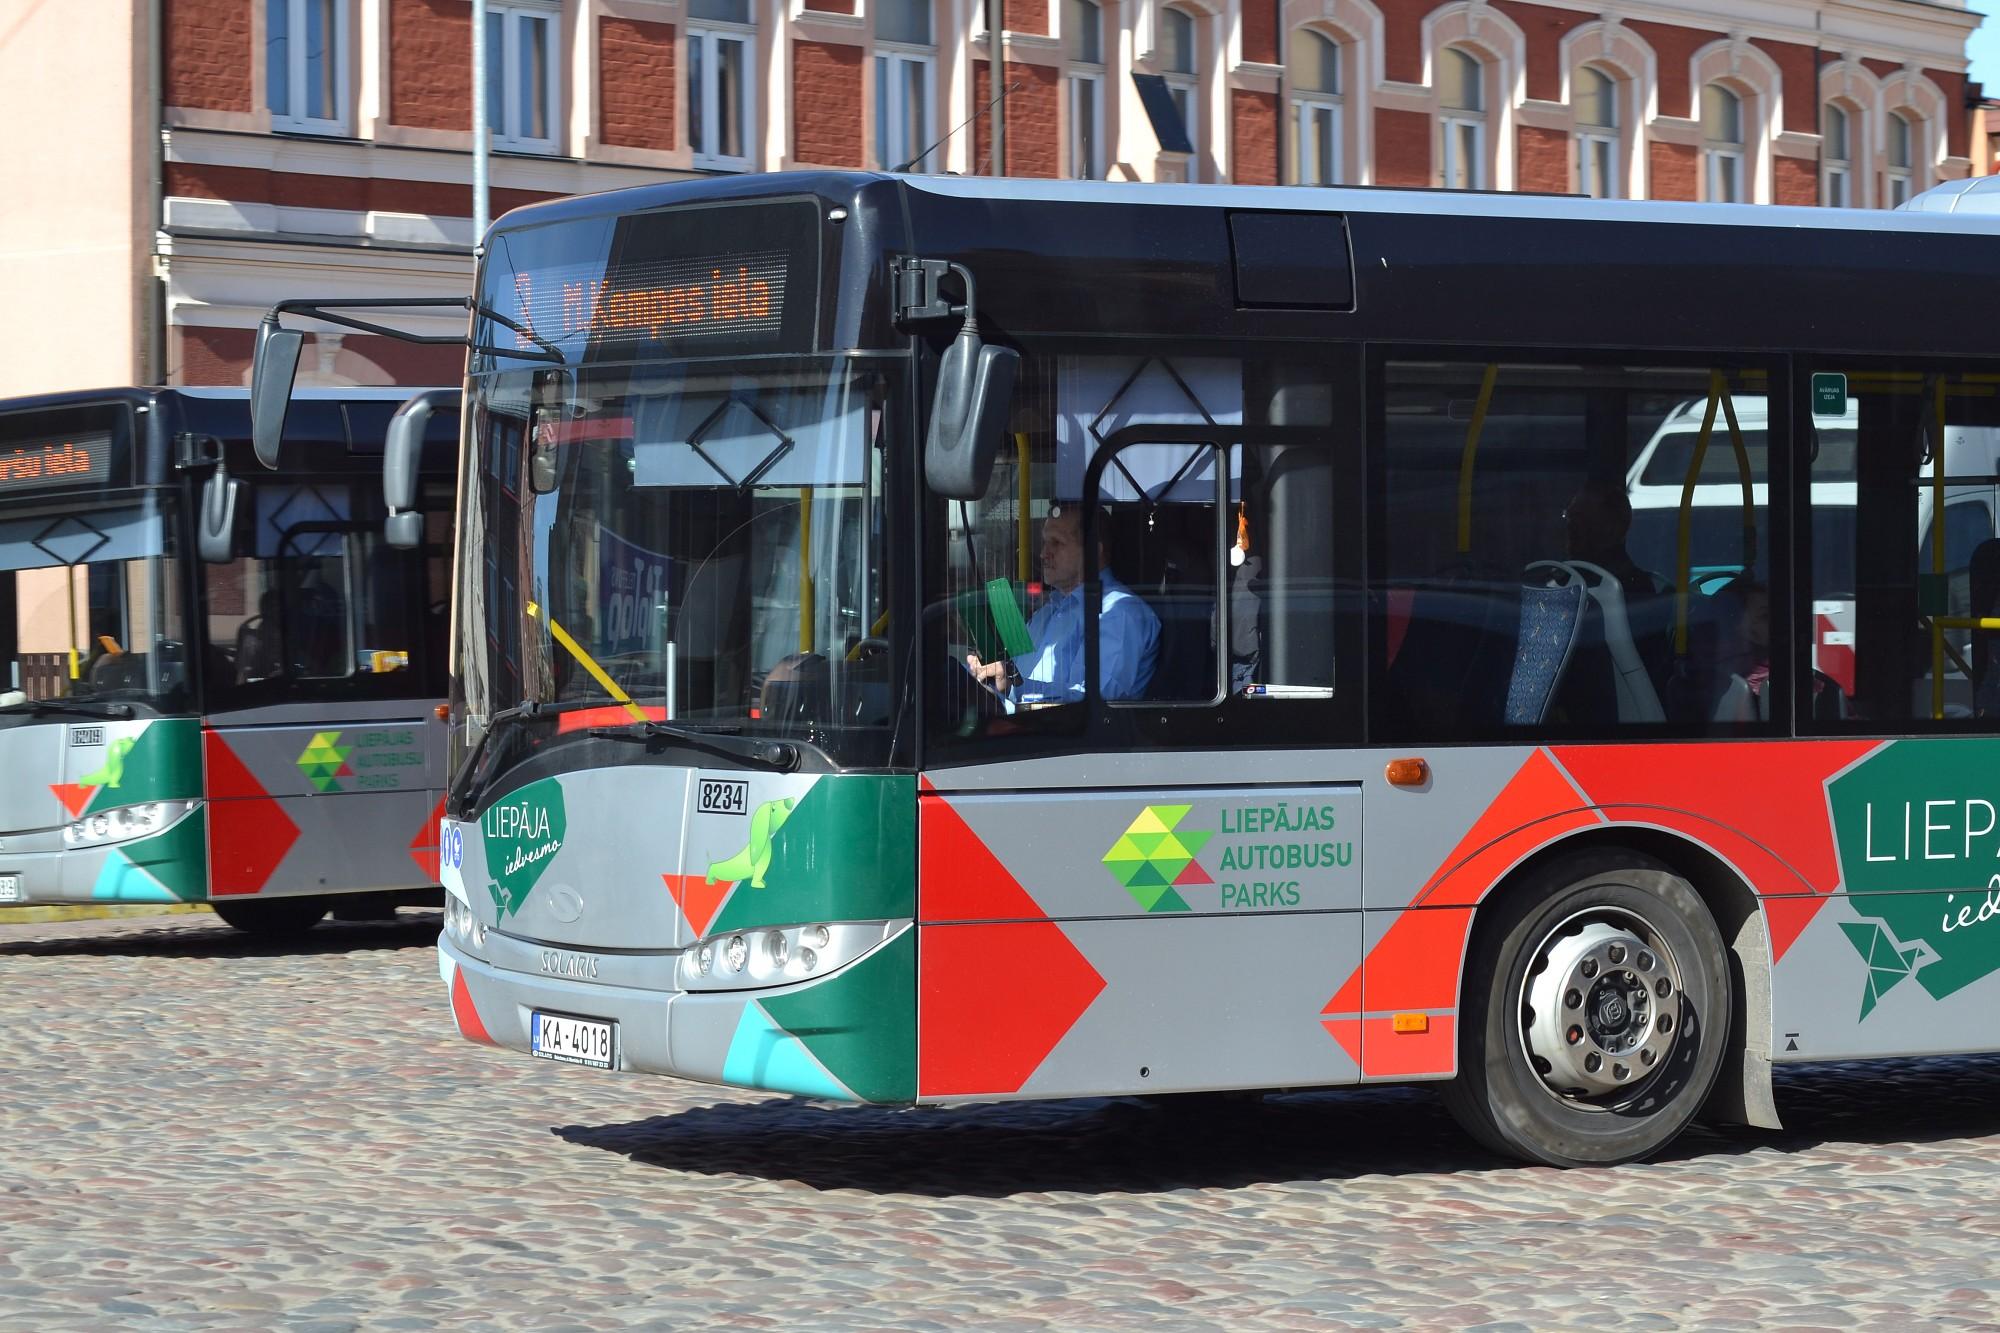 Autobusu parka vadība uzskata, ka prasības ir tirgus situācijai neatbilstošas